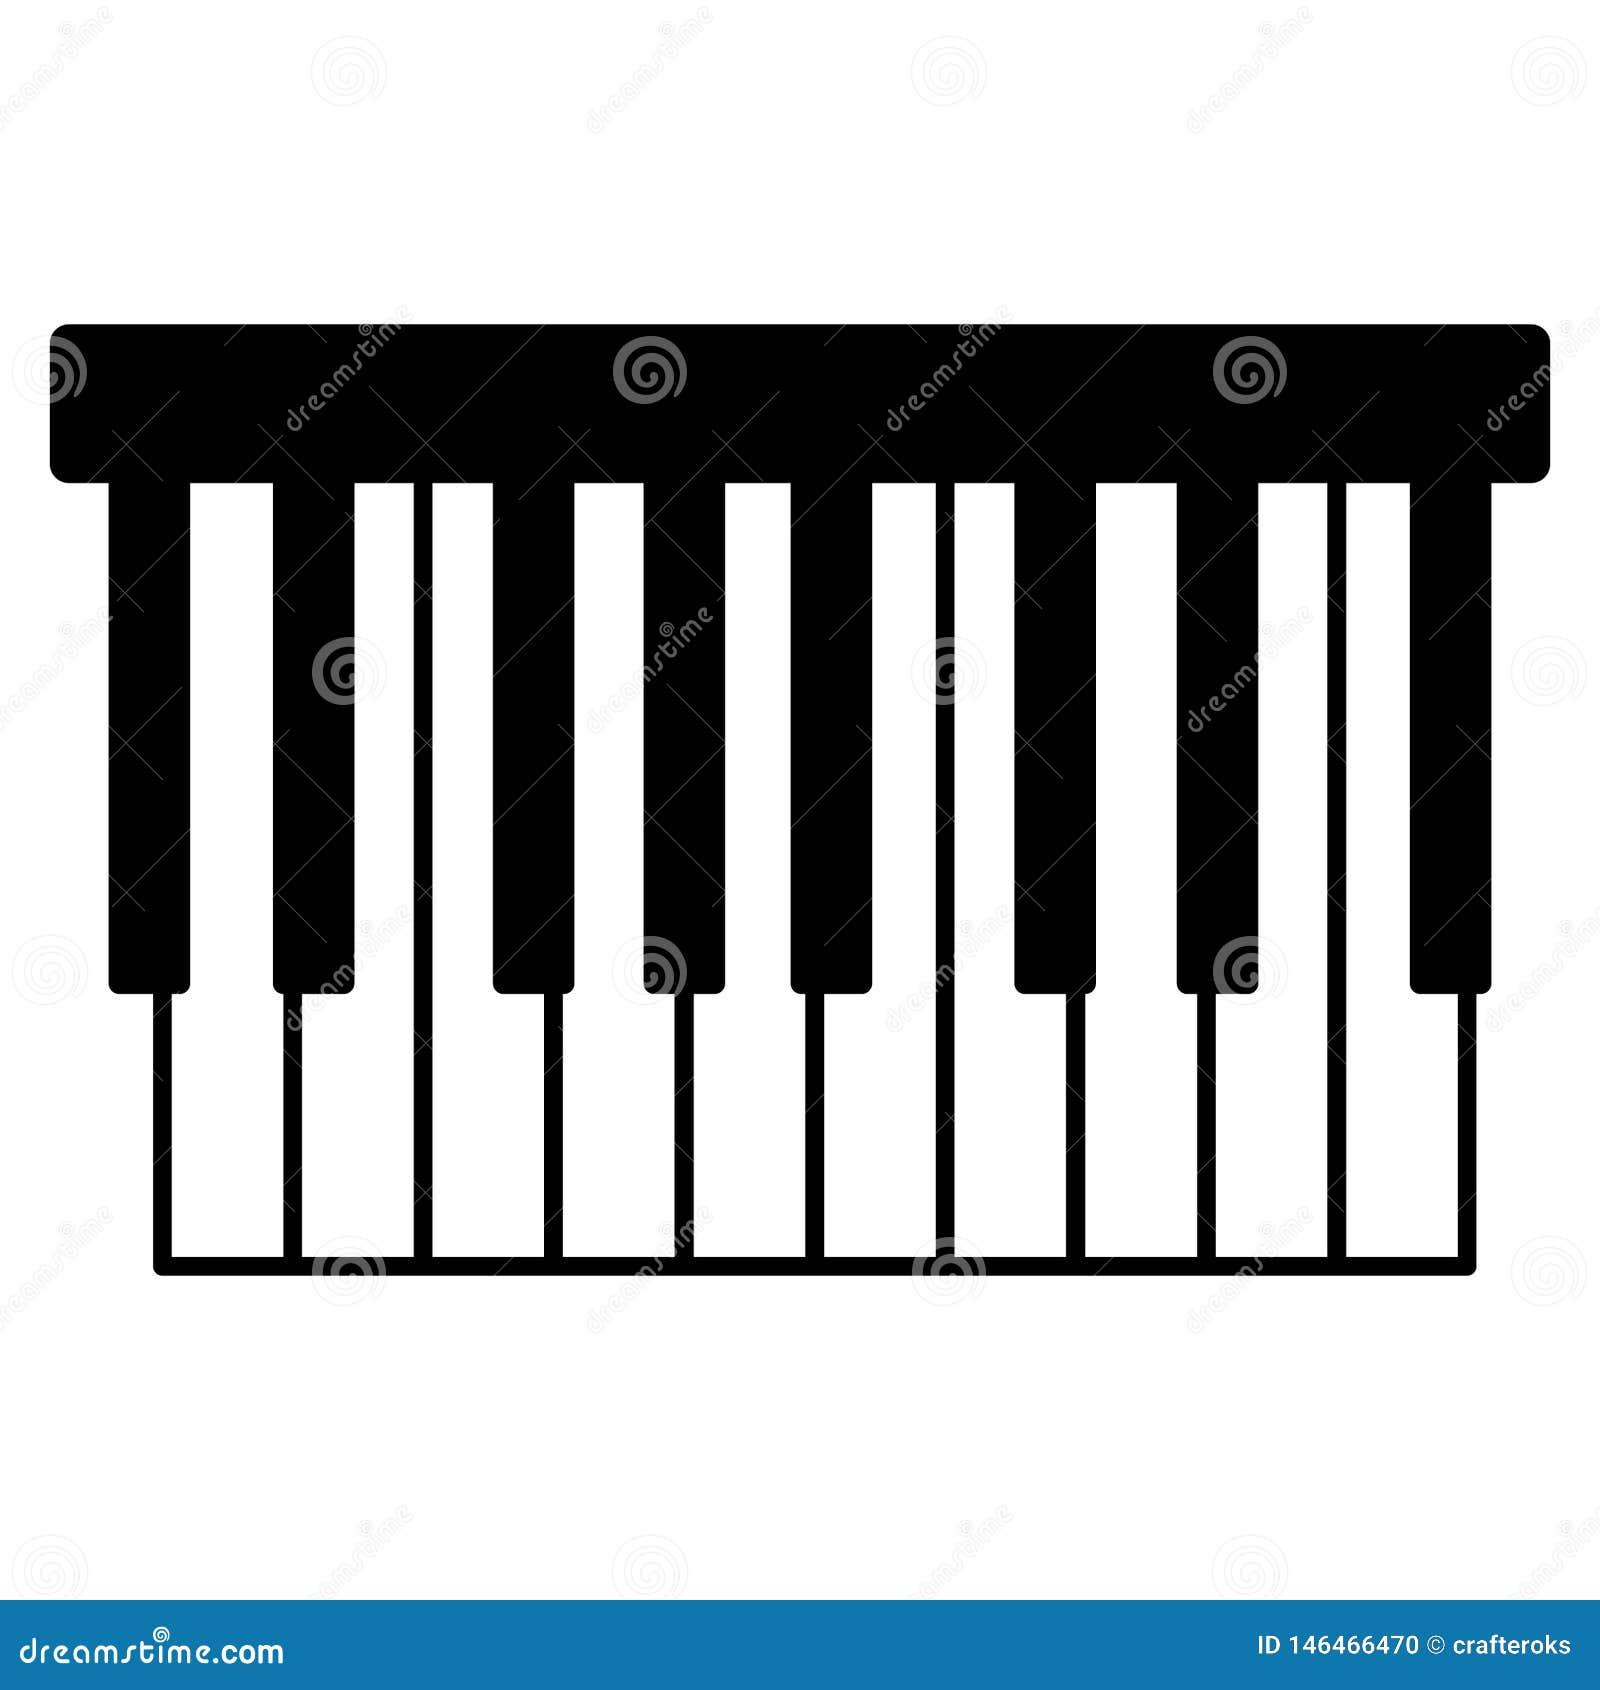 Tastiera di piano, disegnata a mano, vettore, ENV, logo, icona, illustrazione della siluetta dai crafteroks per gli usi different